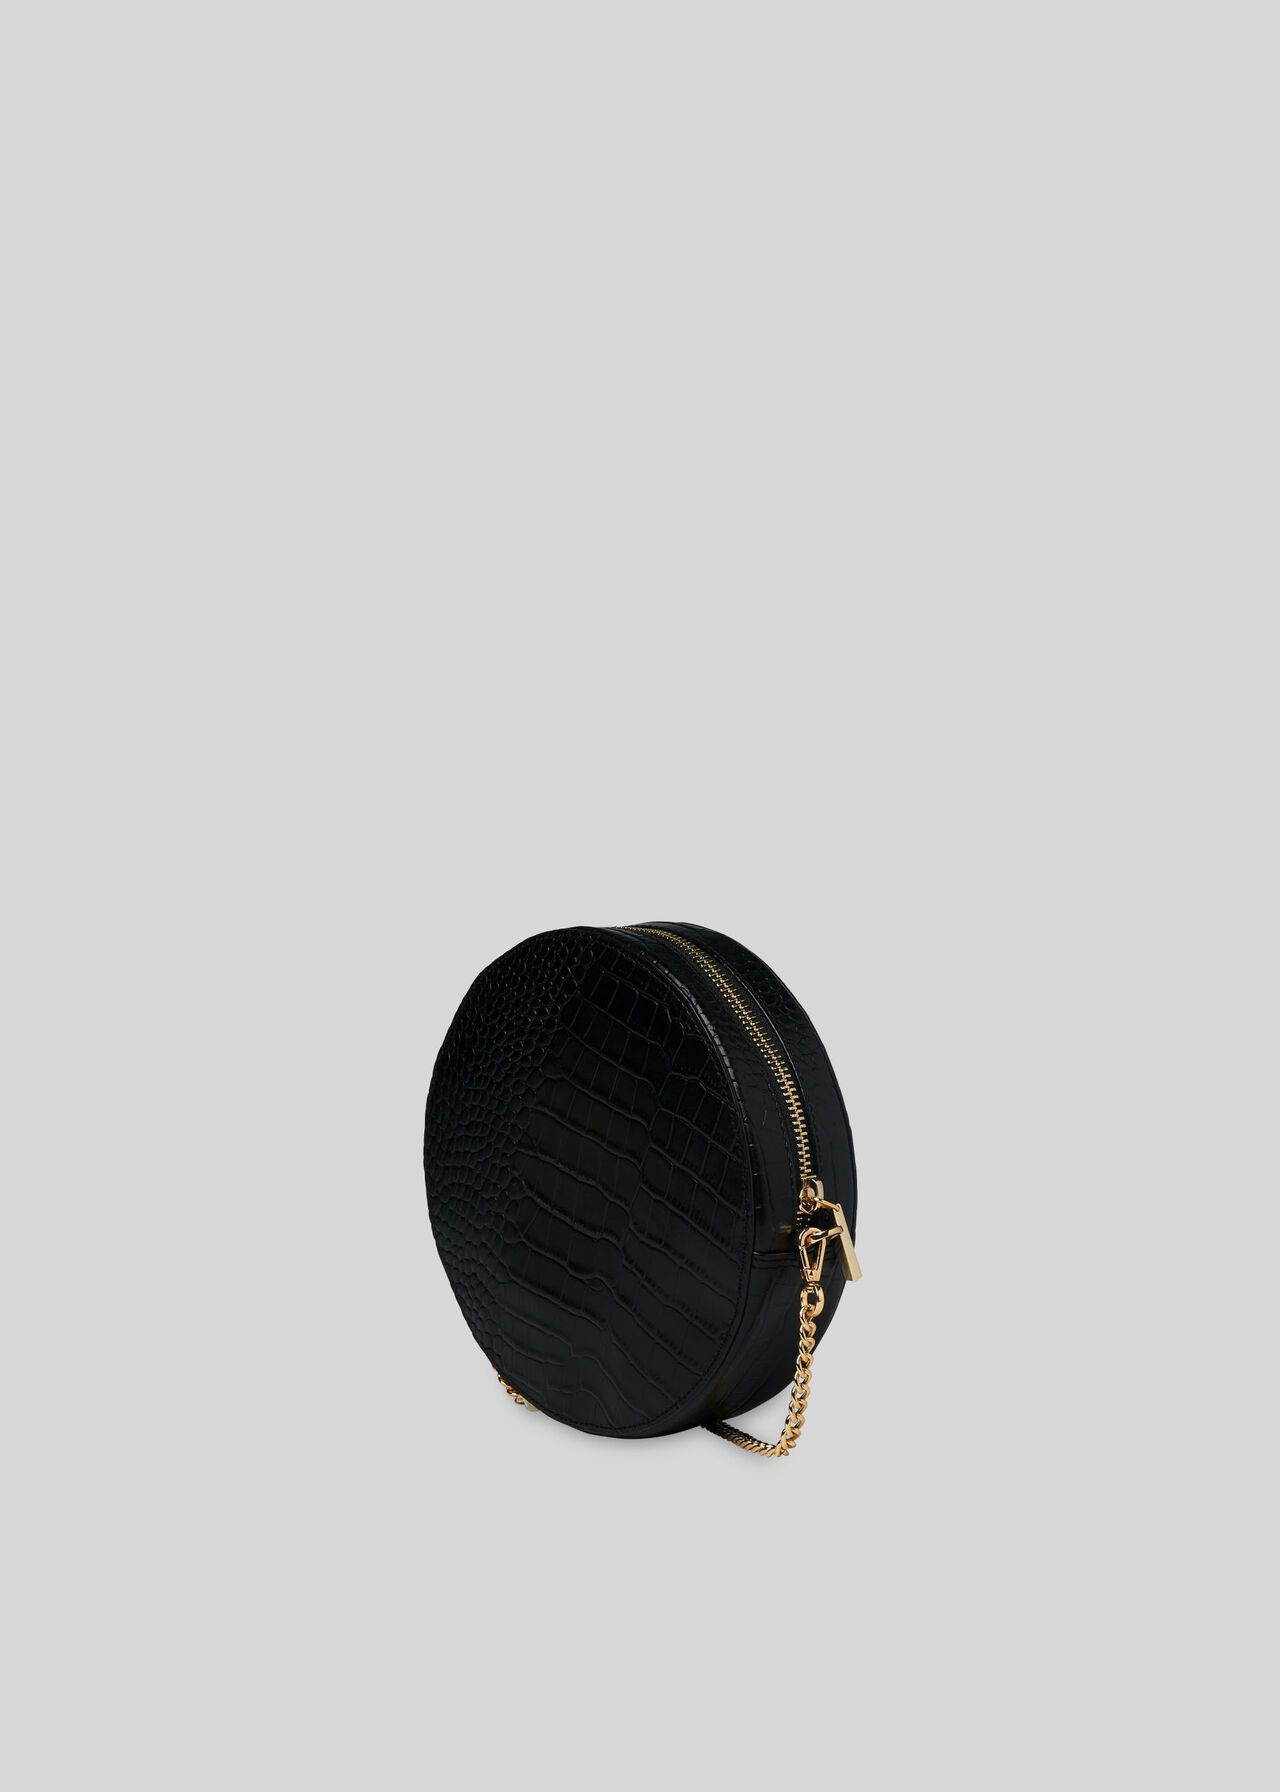 Brixton Circular Croc Bag Black